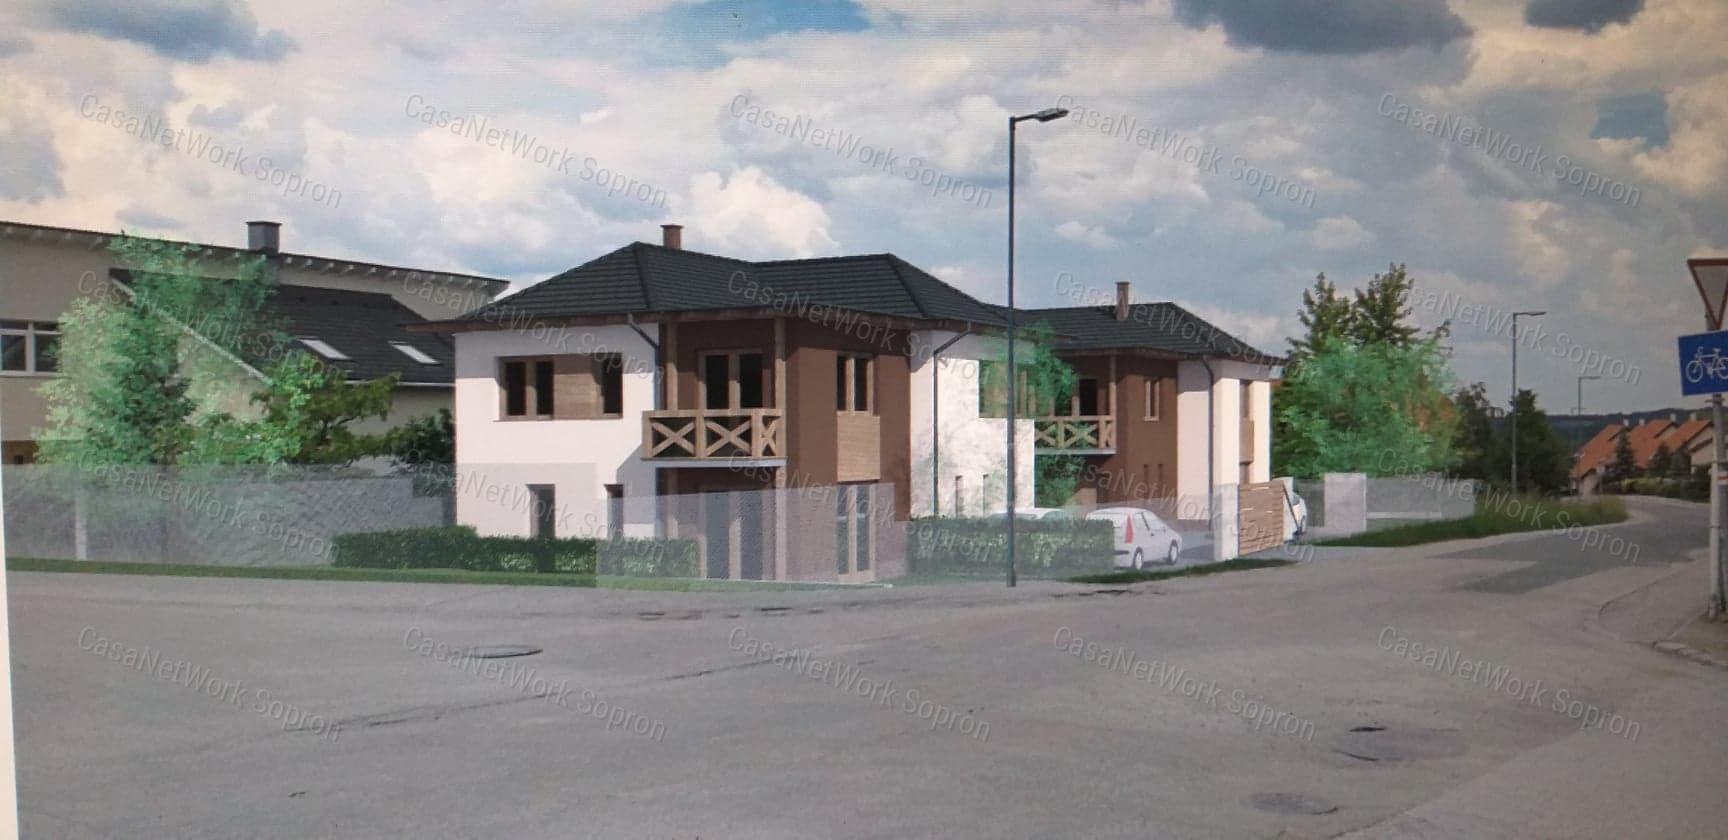 Eladó téglalakás, Győr-Moson-Sopron megye, Sopron (Aranyhegy) - sz.: 164301409 - CasaNetWork.hu